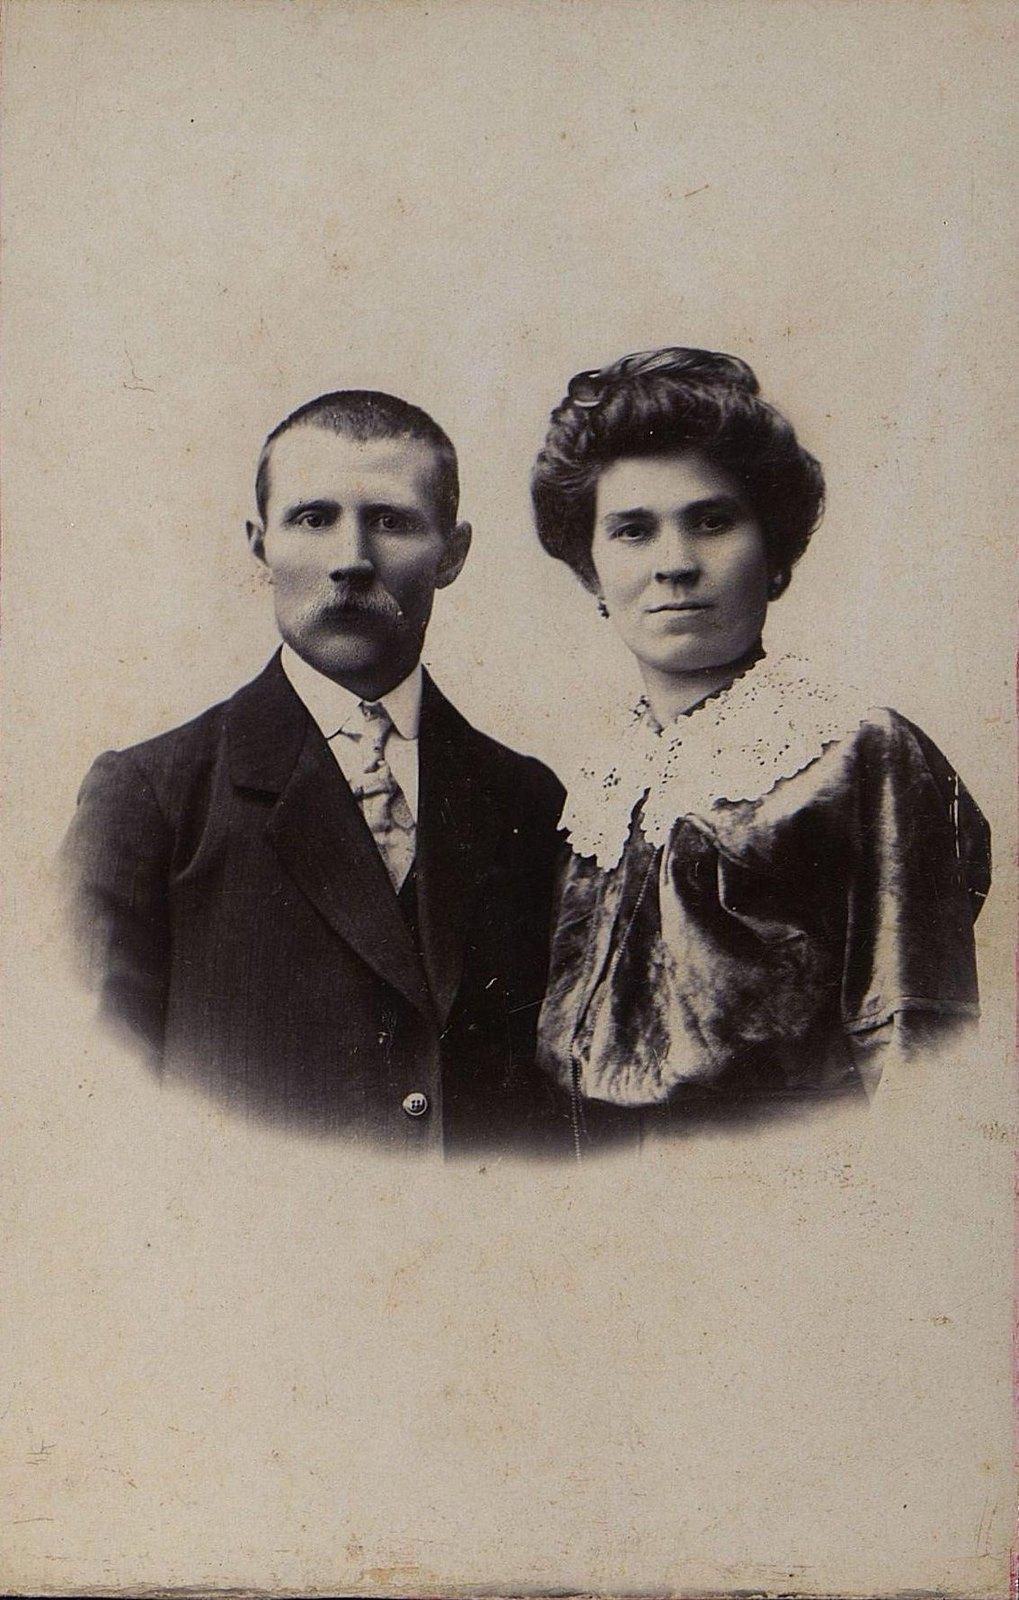 Синтюрин Николай Иванович, машинист станции Рузаевка, участник революционных событий 1905-1907 годов, с женой.